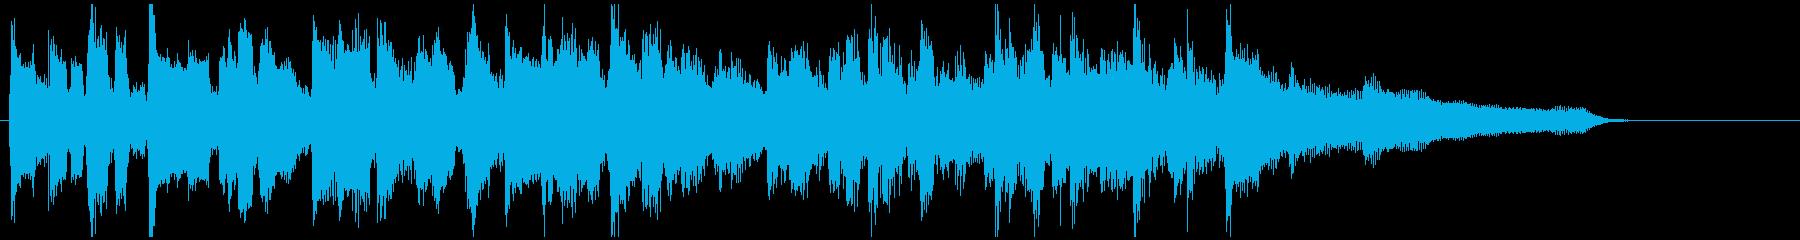 サックス生演奏のジャズ◆15秒CM向けの再生済みの波形